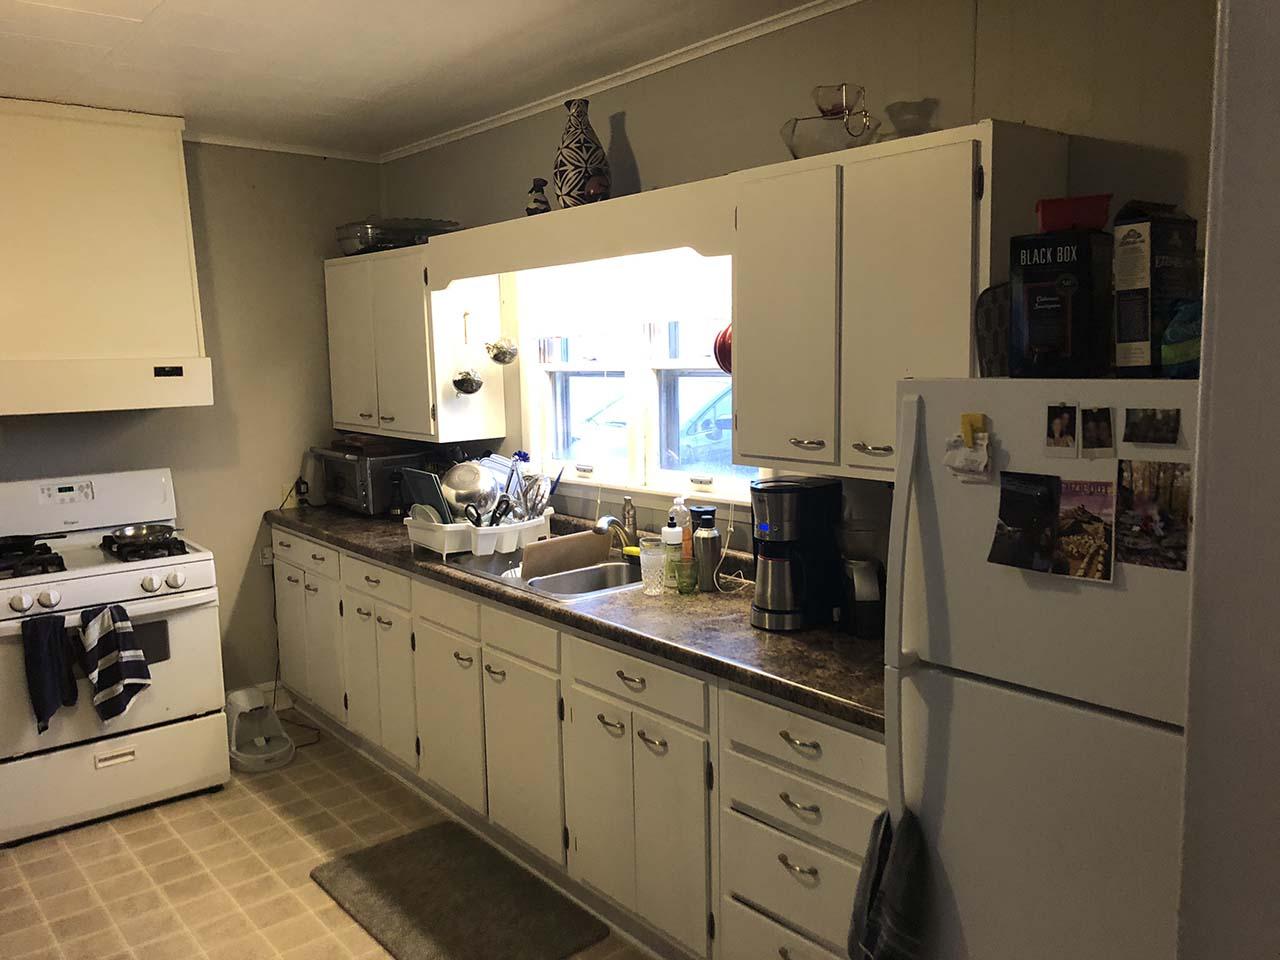 Kitchen_Blurred.jpg